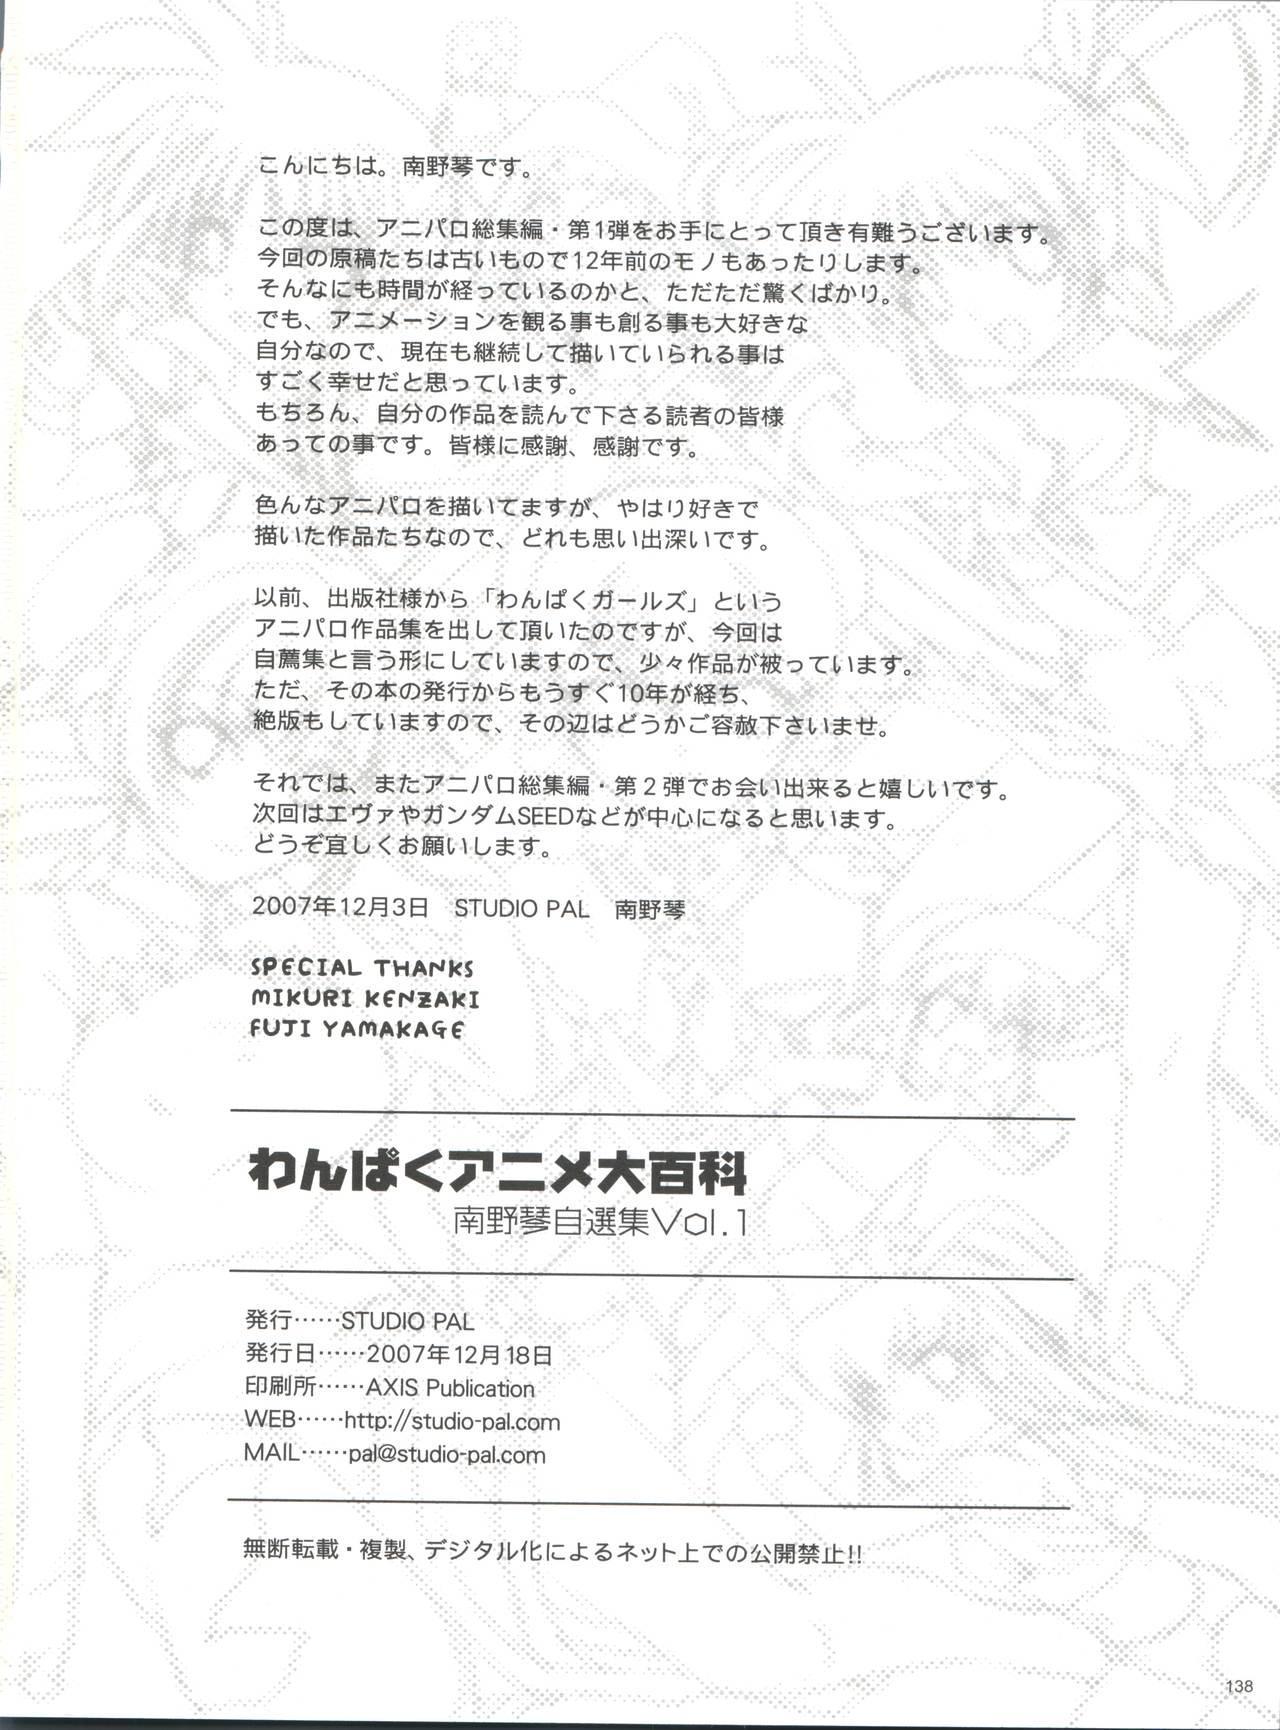 Wanpaku Anime Daihyakka Nanno Koto Jisensyuu Vol. 1 139